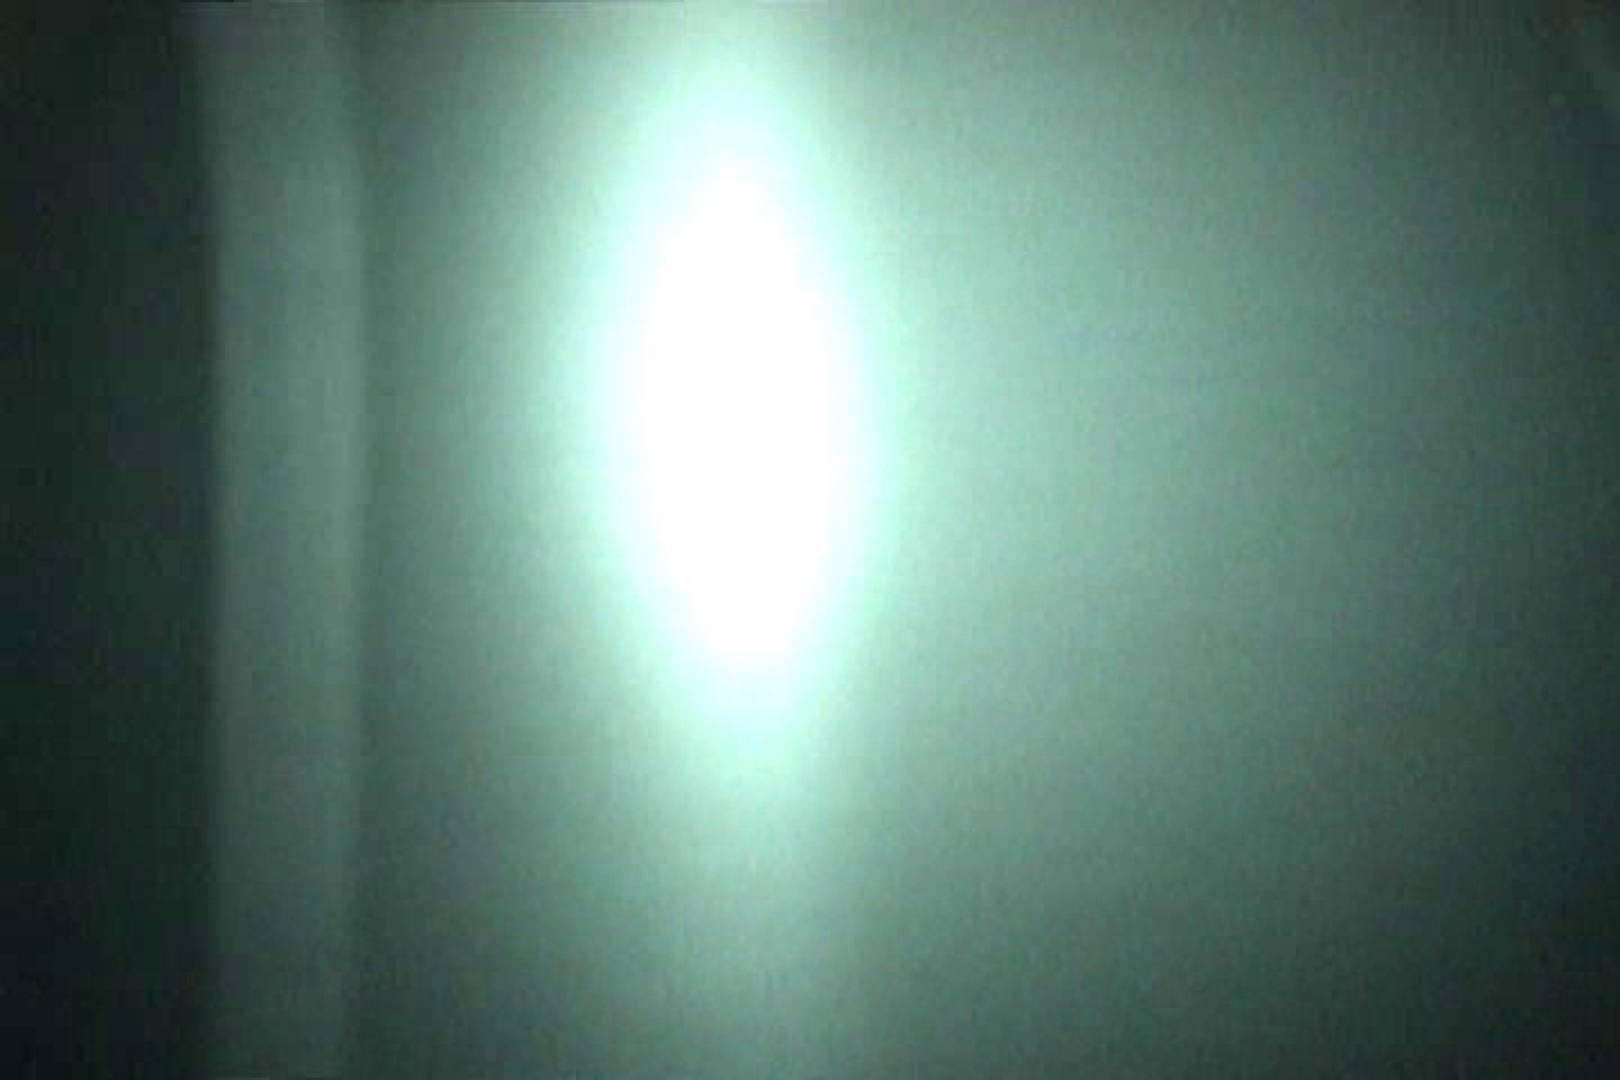 「充血監督」さんの深夜の運動会!! vol.147 カップルのsex | セックス  108枚 25